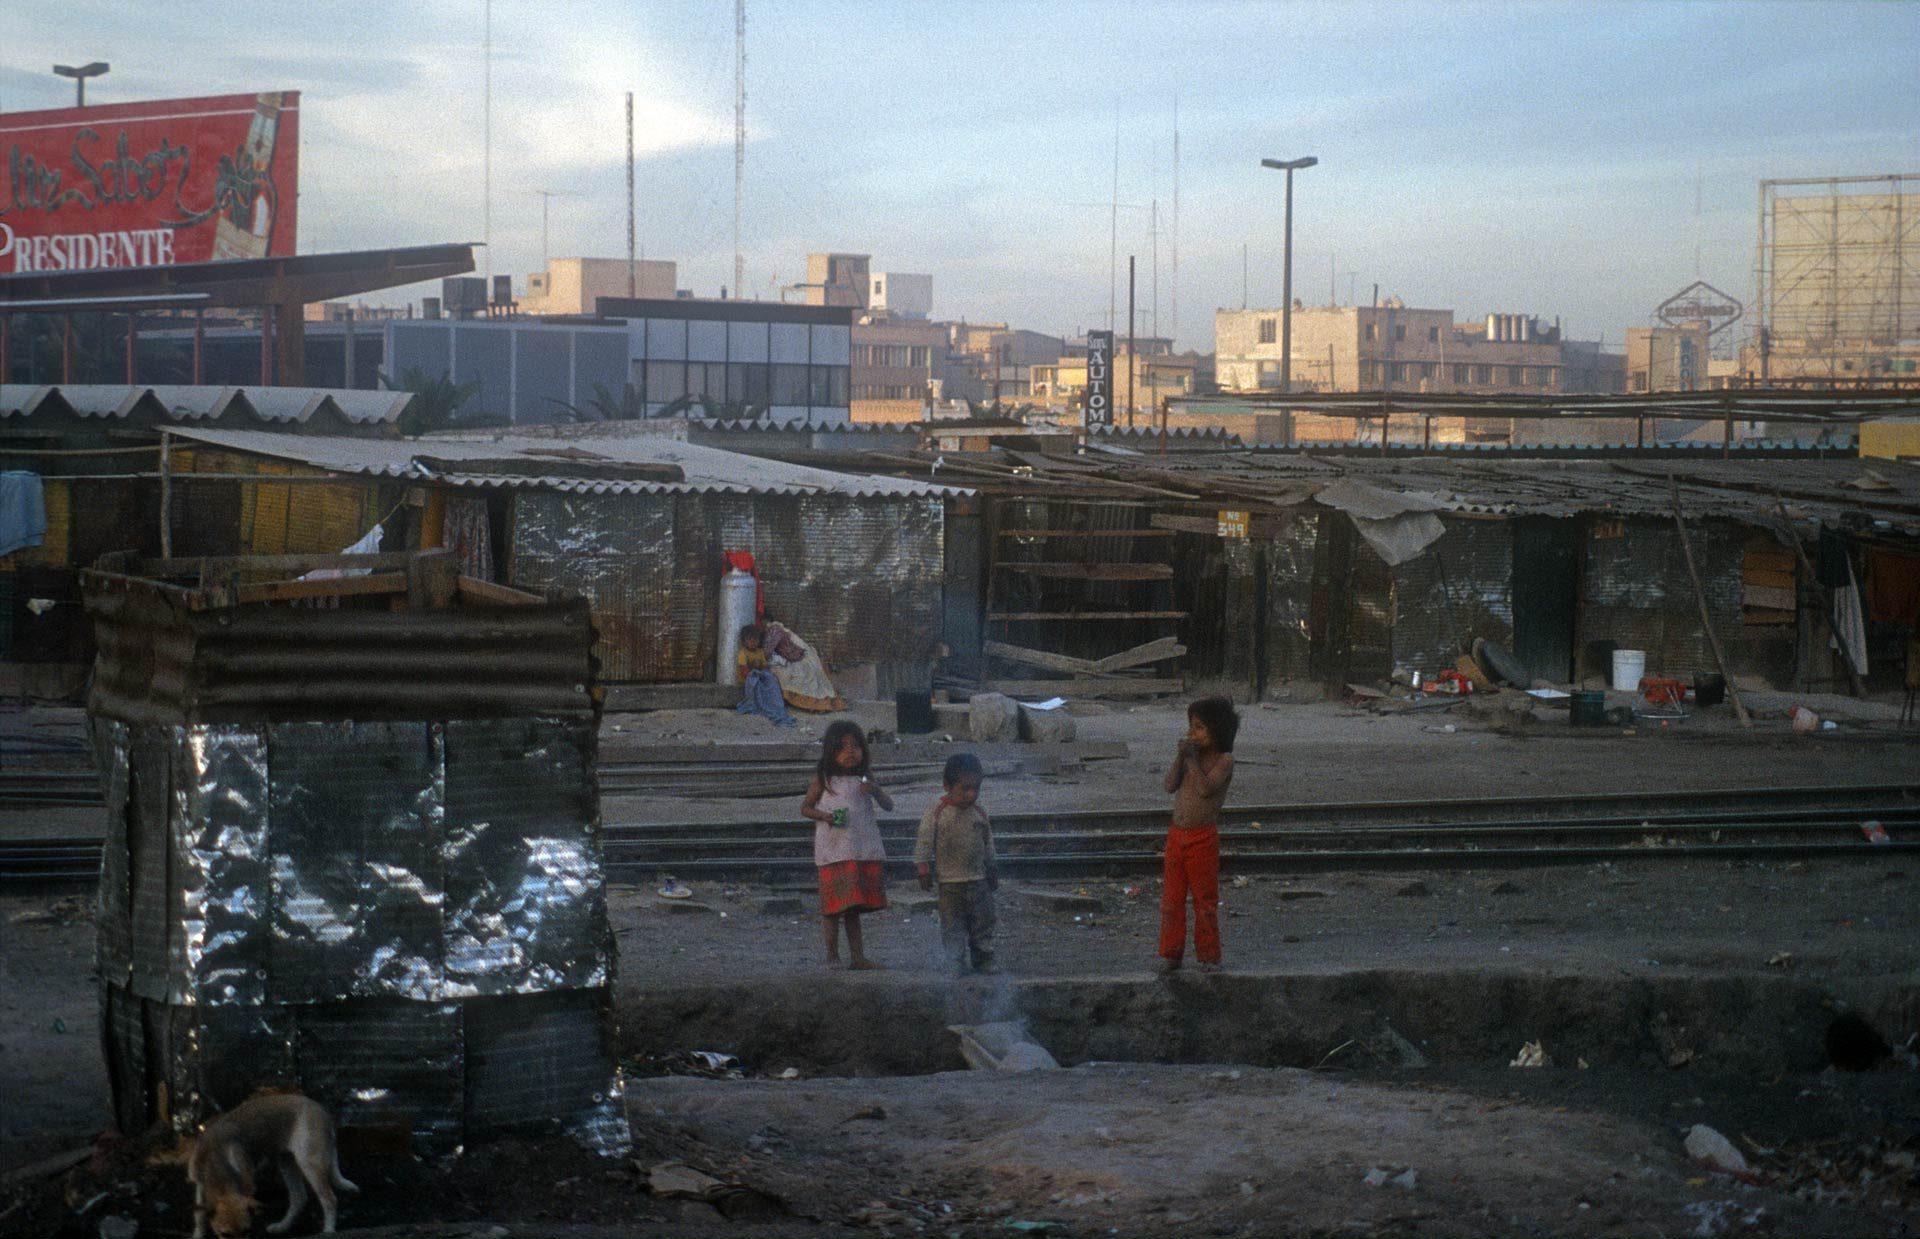 Der Zug stoppt im Slum, für die Kinder ein freudige Abwechslung – The train stops in the slum, for the children a joyful change